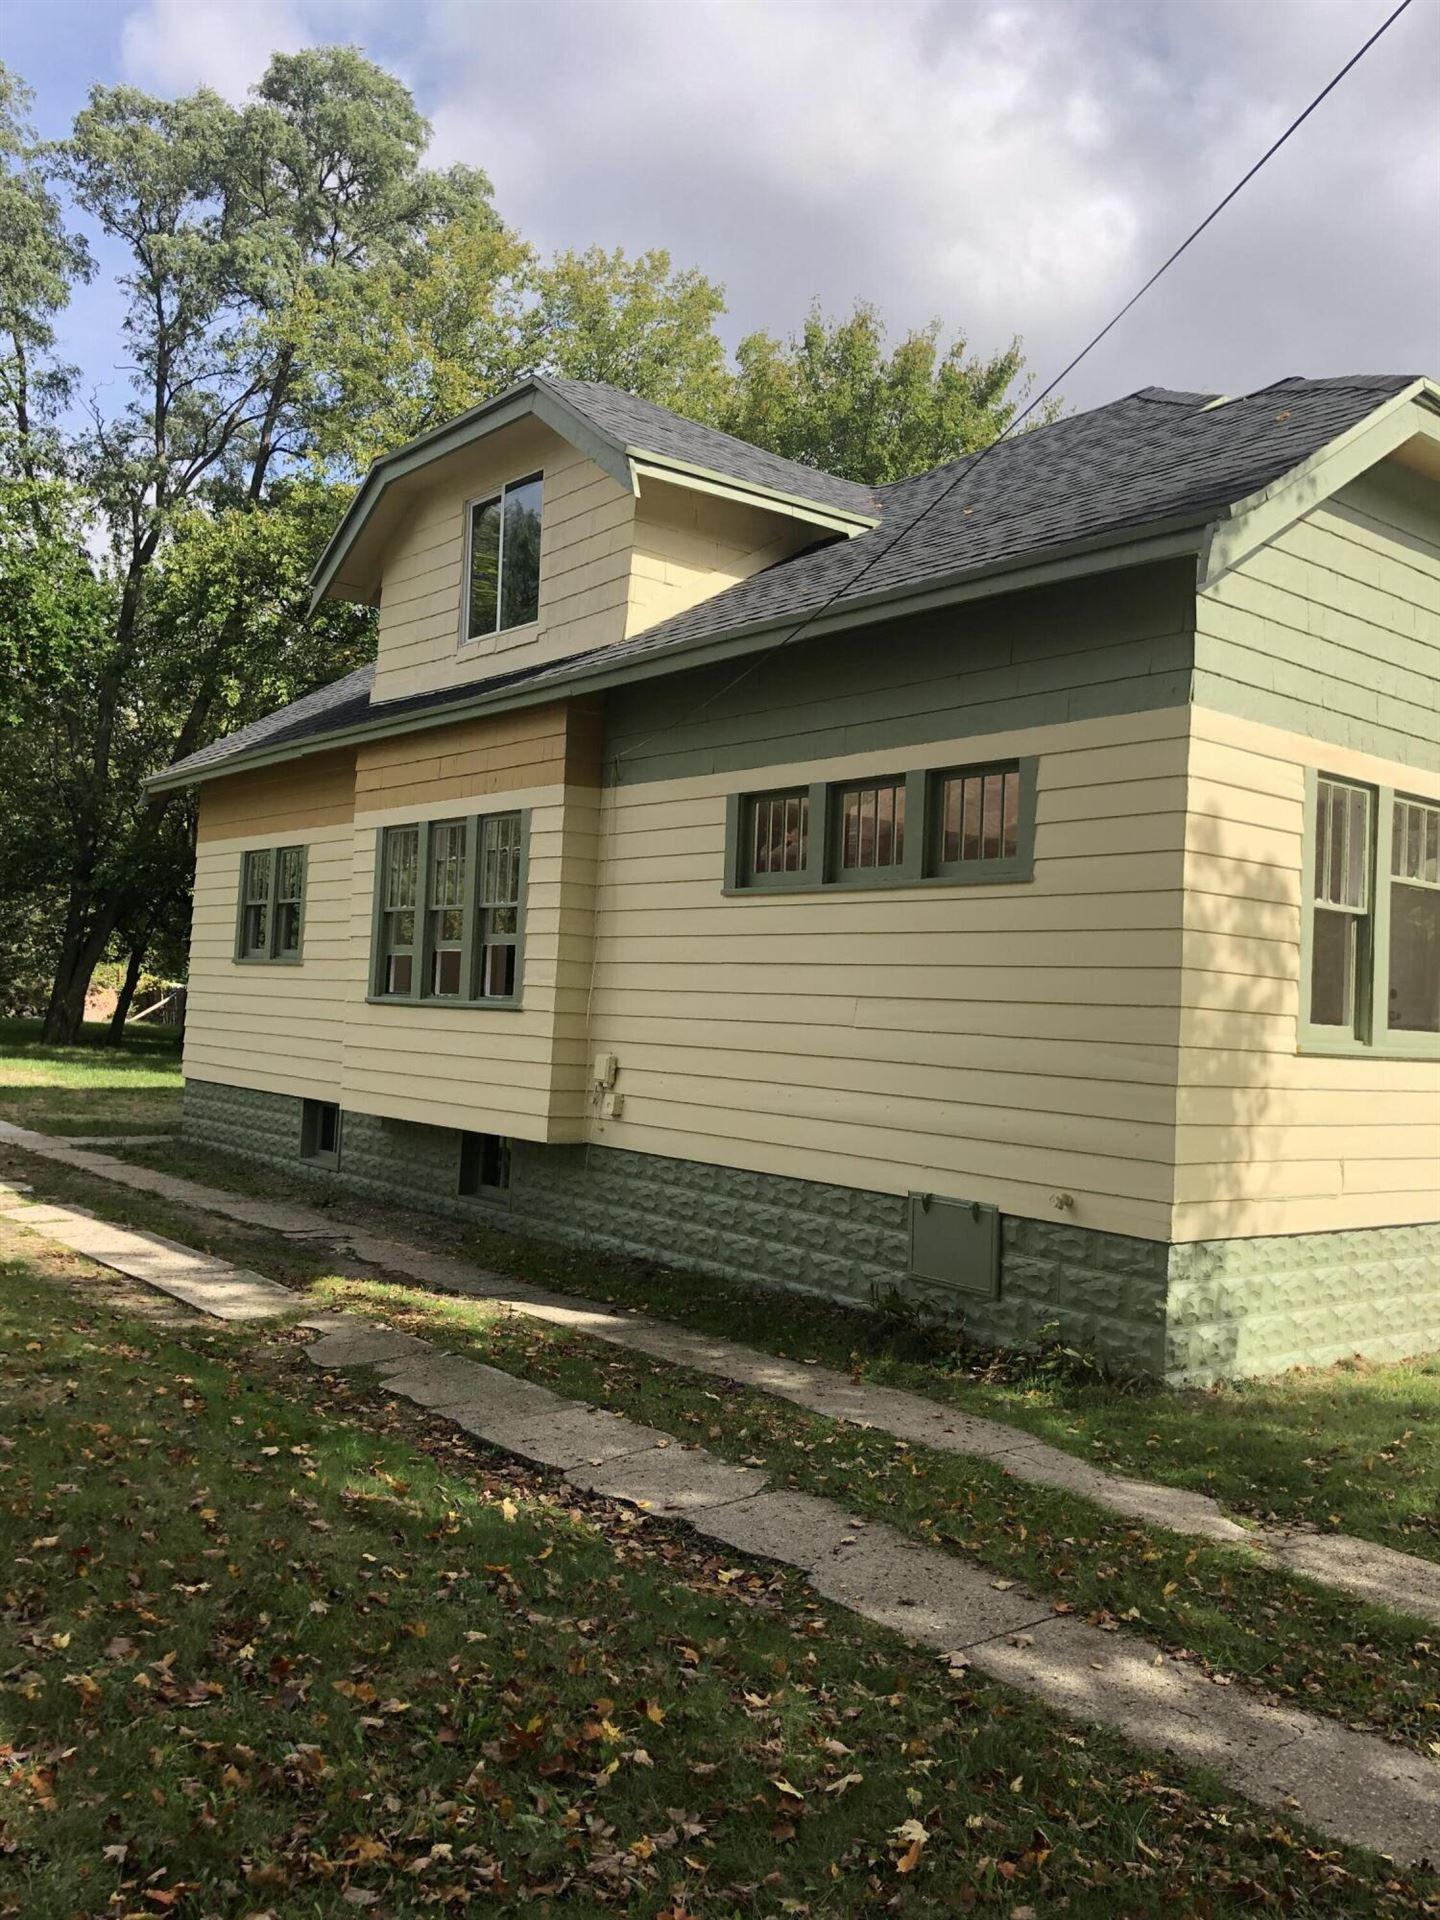 Photo of 594 Oak Avenue, Muskegon, MI 49442 (MLS # 21110982)